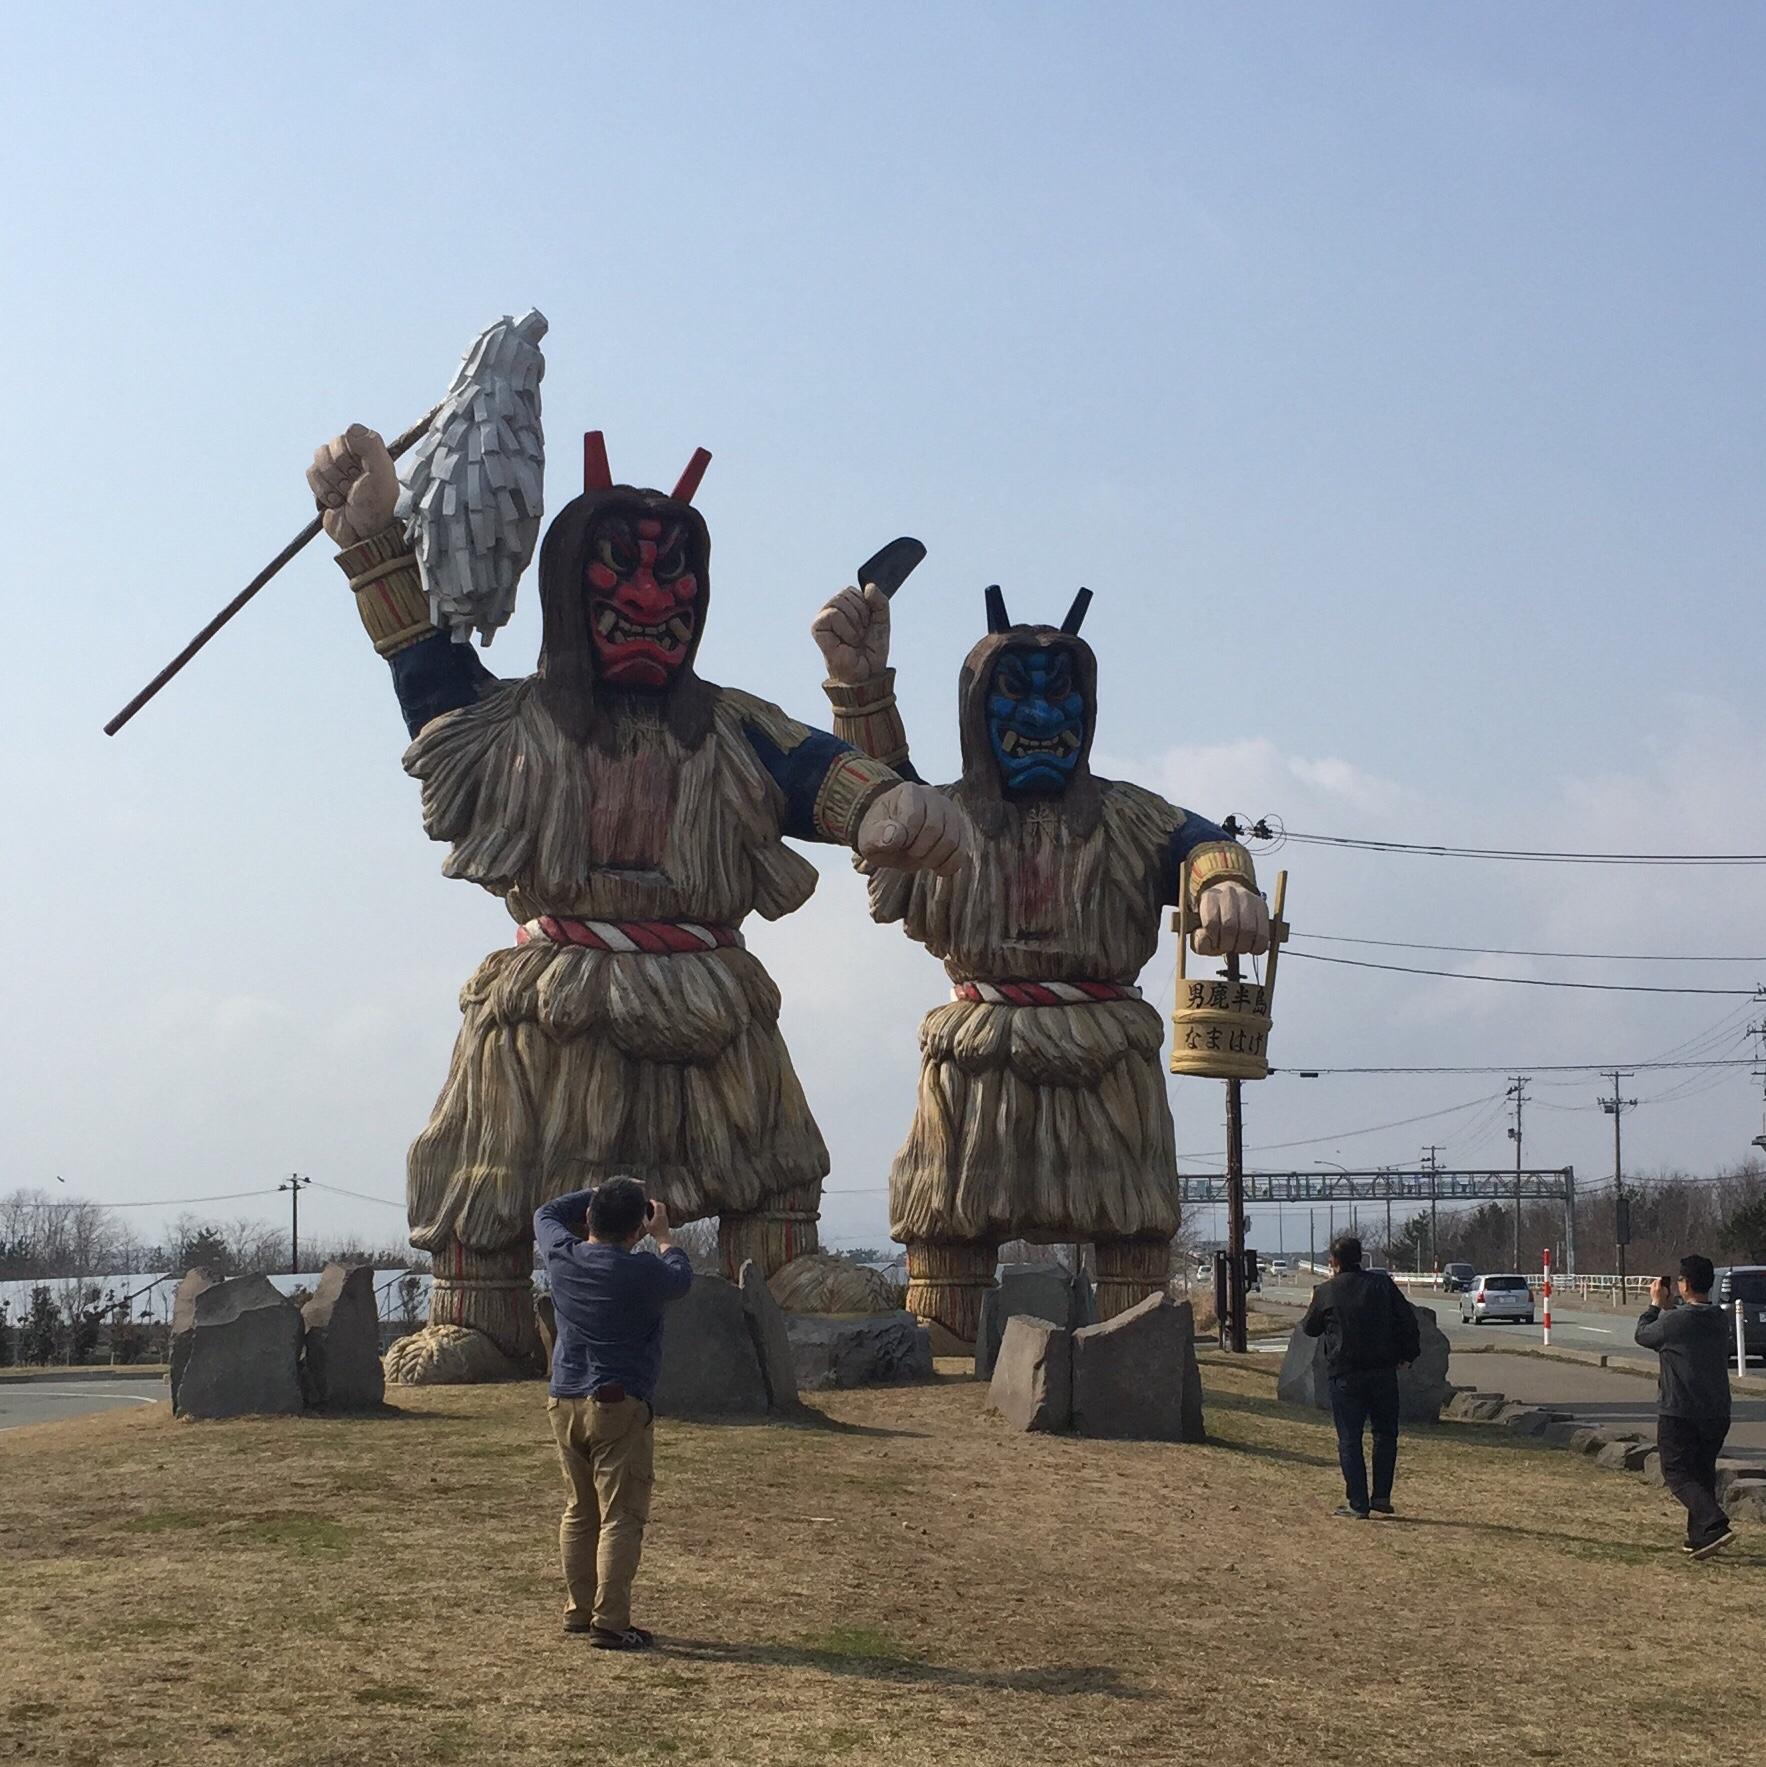 秋田県男鹿市 巨大 なまはげ像